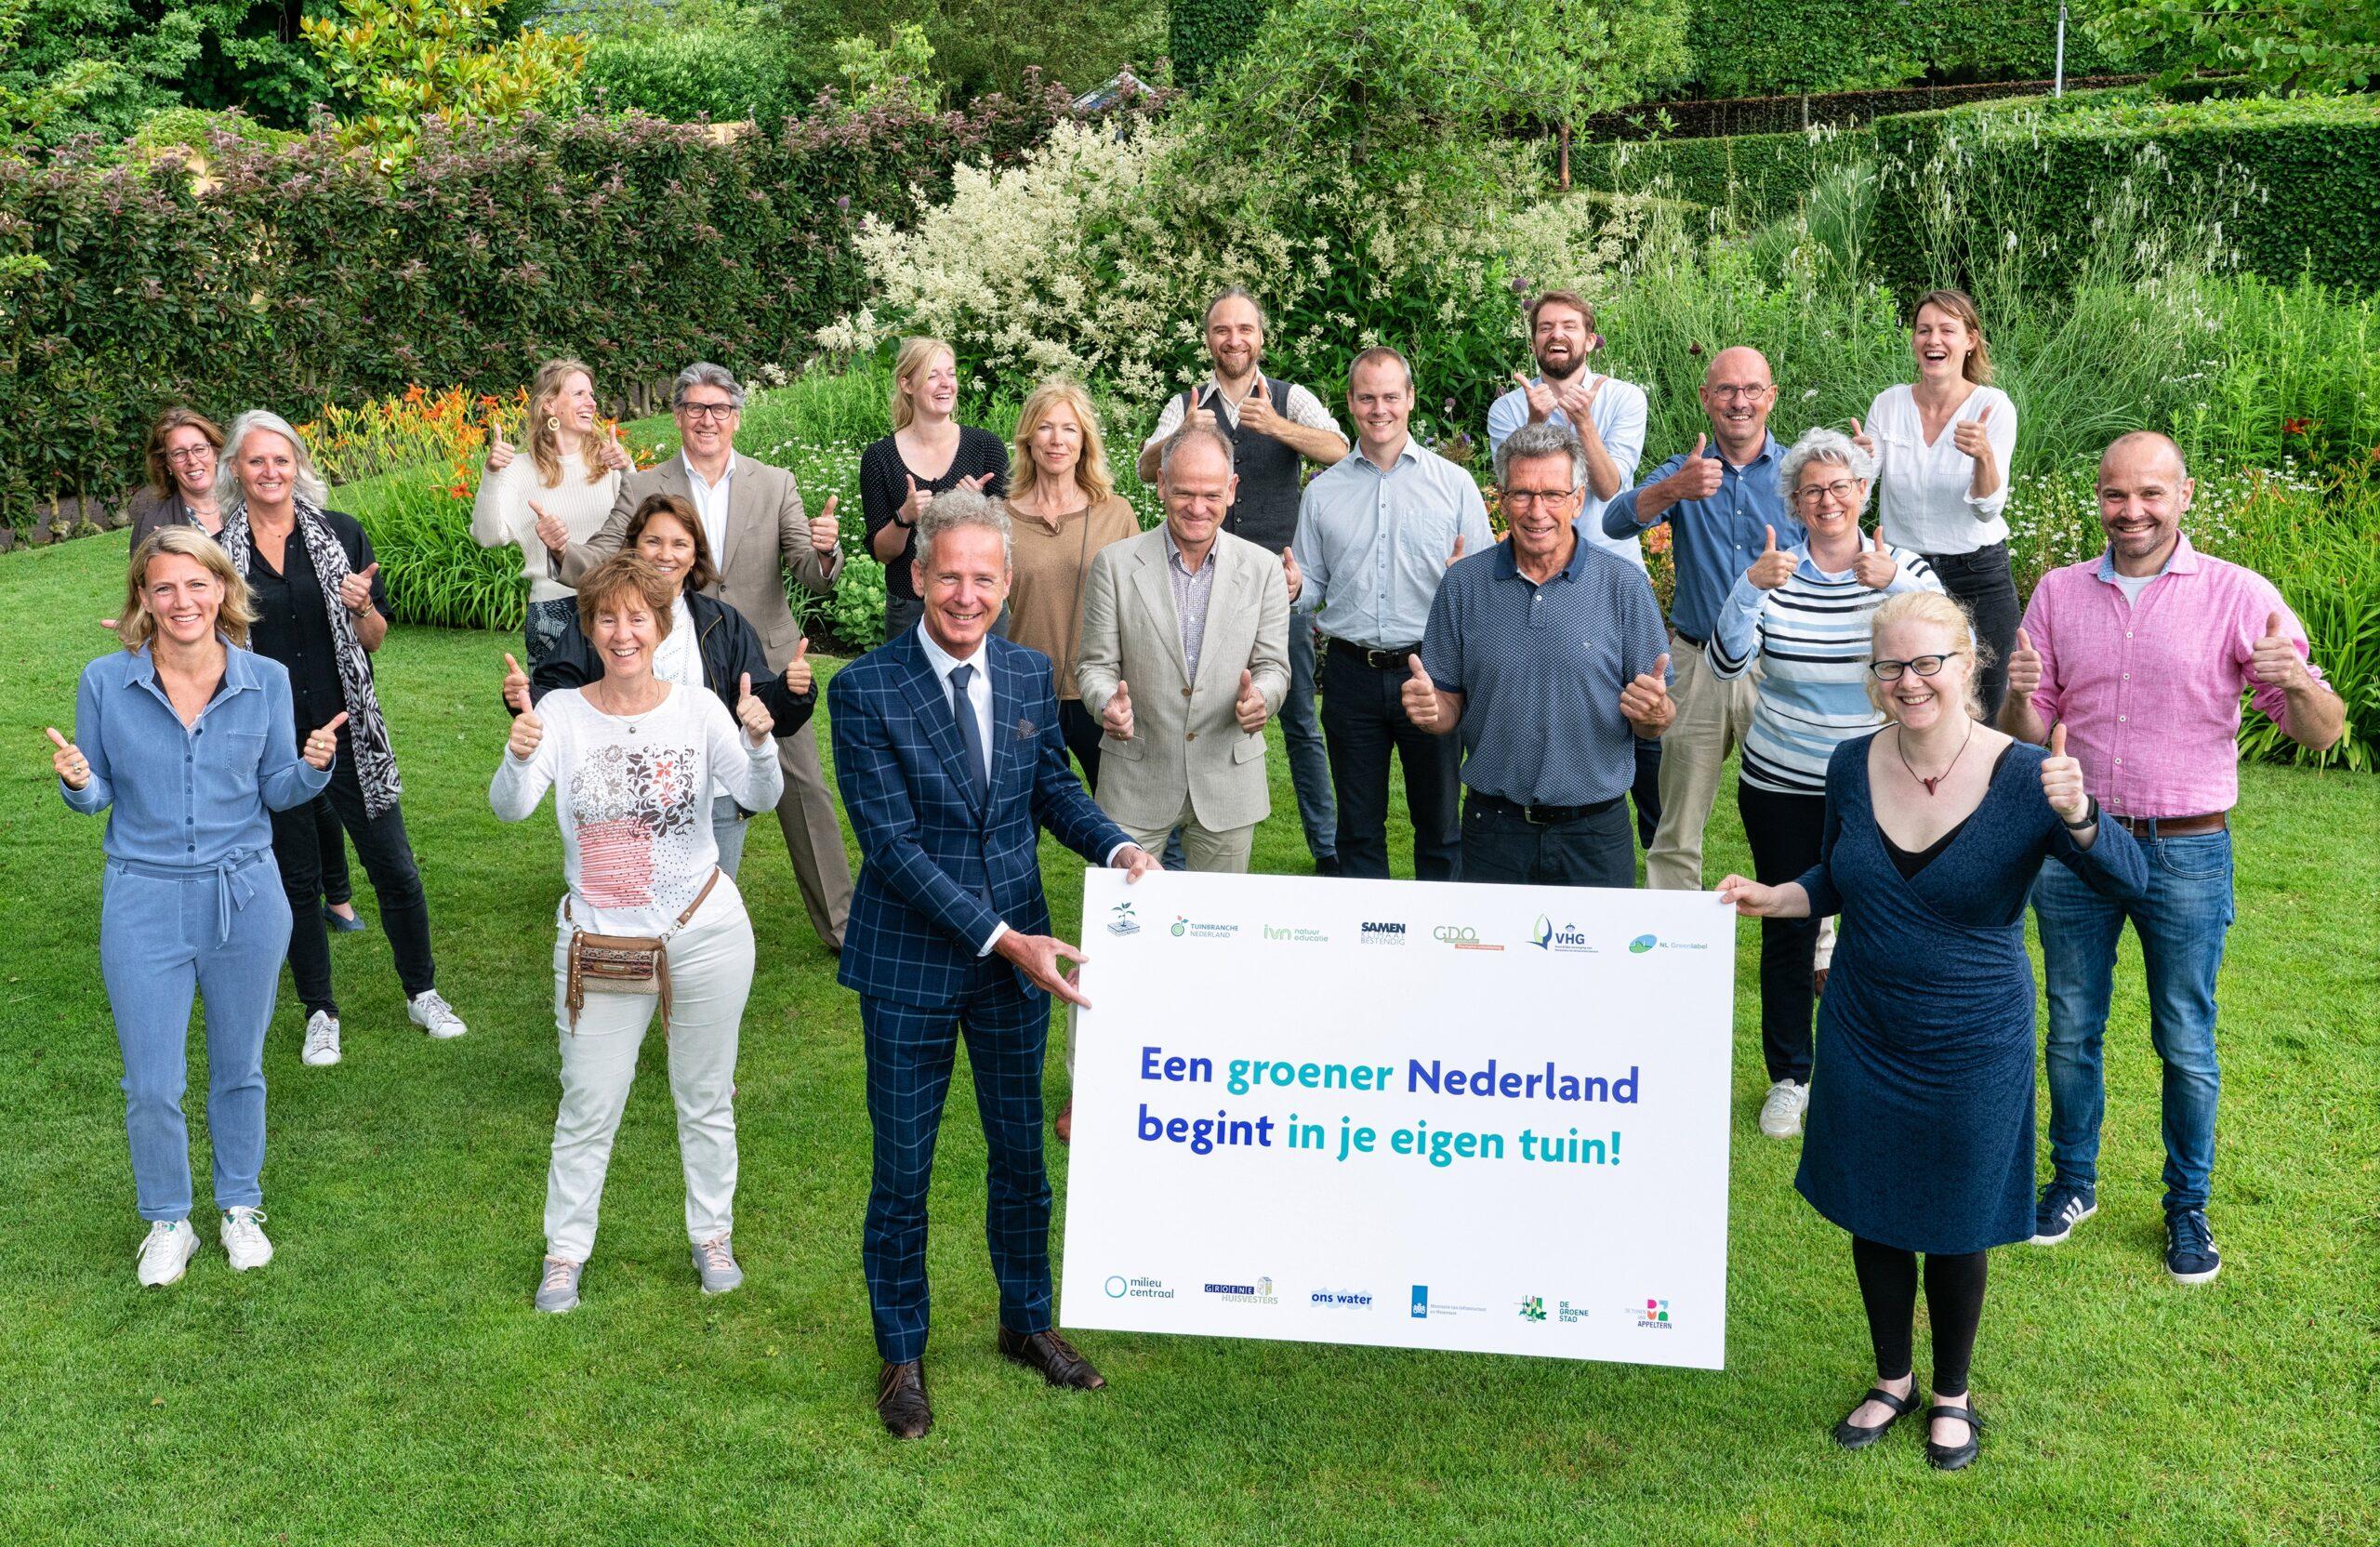 Campagne moet noodzakelijke vergroening van tuinen versnellen